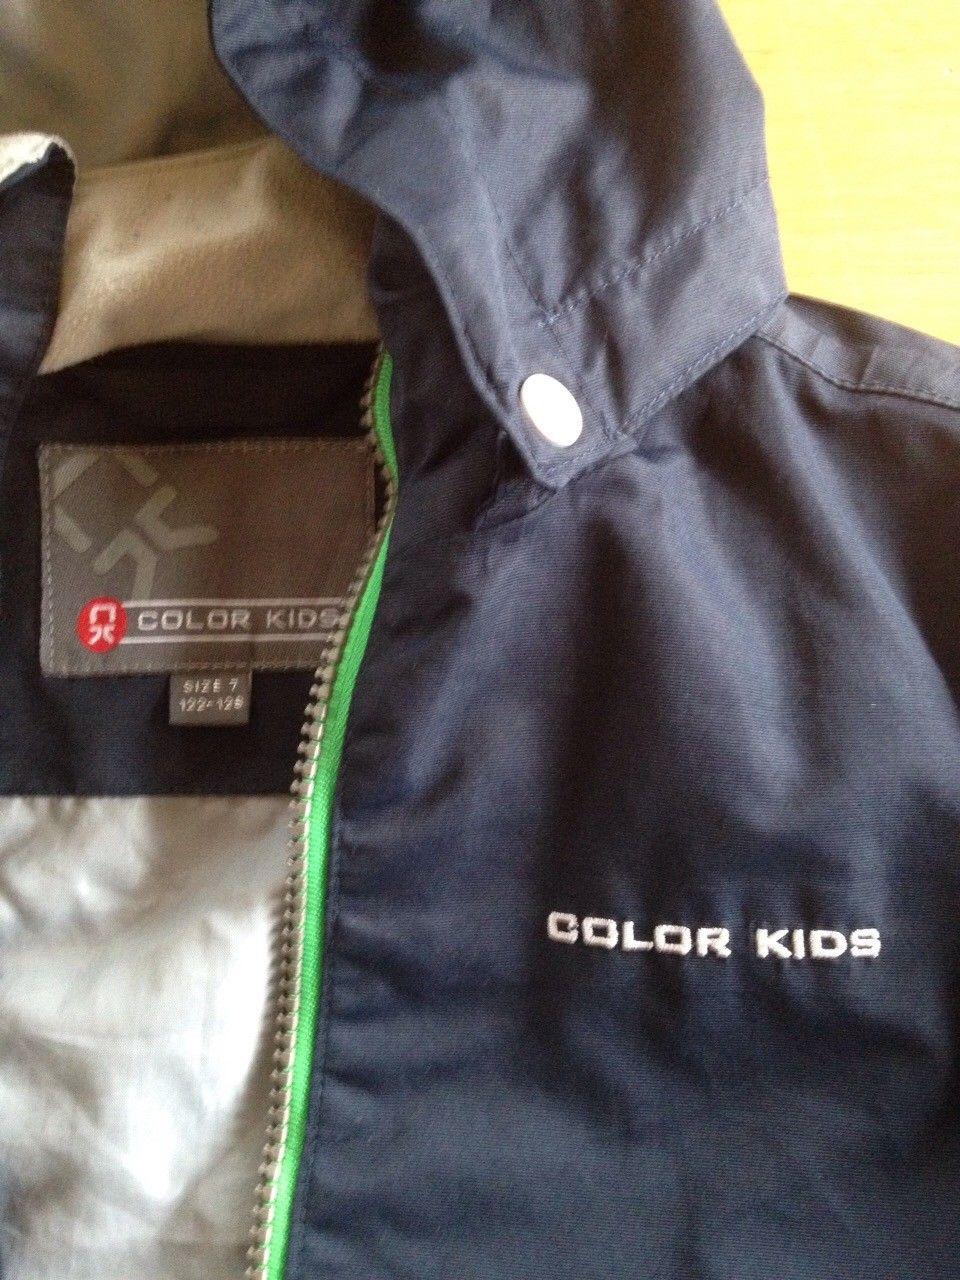 Vindjakke fra color kids - Rykkinn  - Selger en vindjakke fra Color kids i str 7 ( 122-128 ) Jakken har refleks bak og avtagbar hette (lite hull i hetten) - Rykkinn